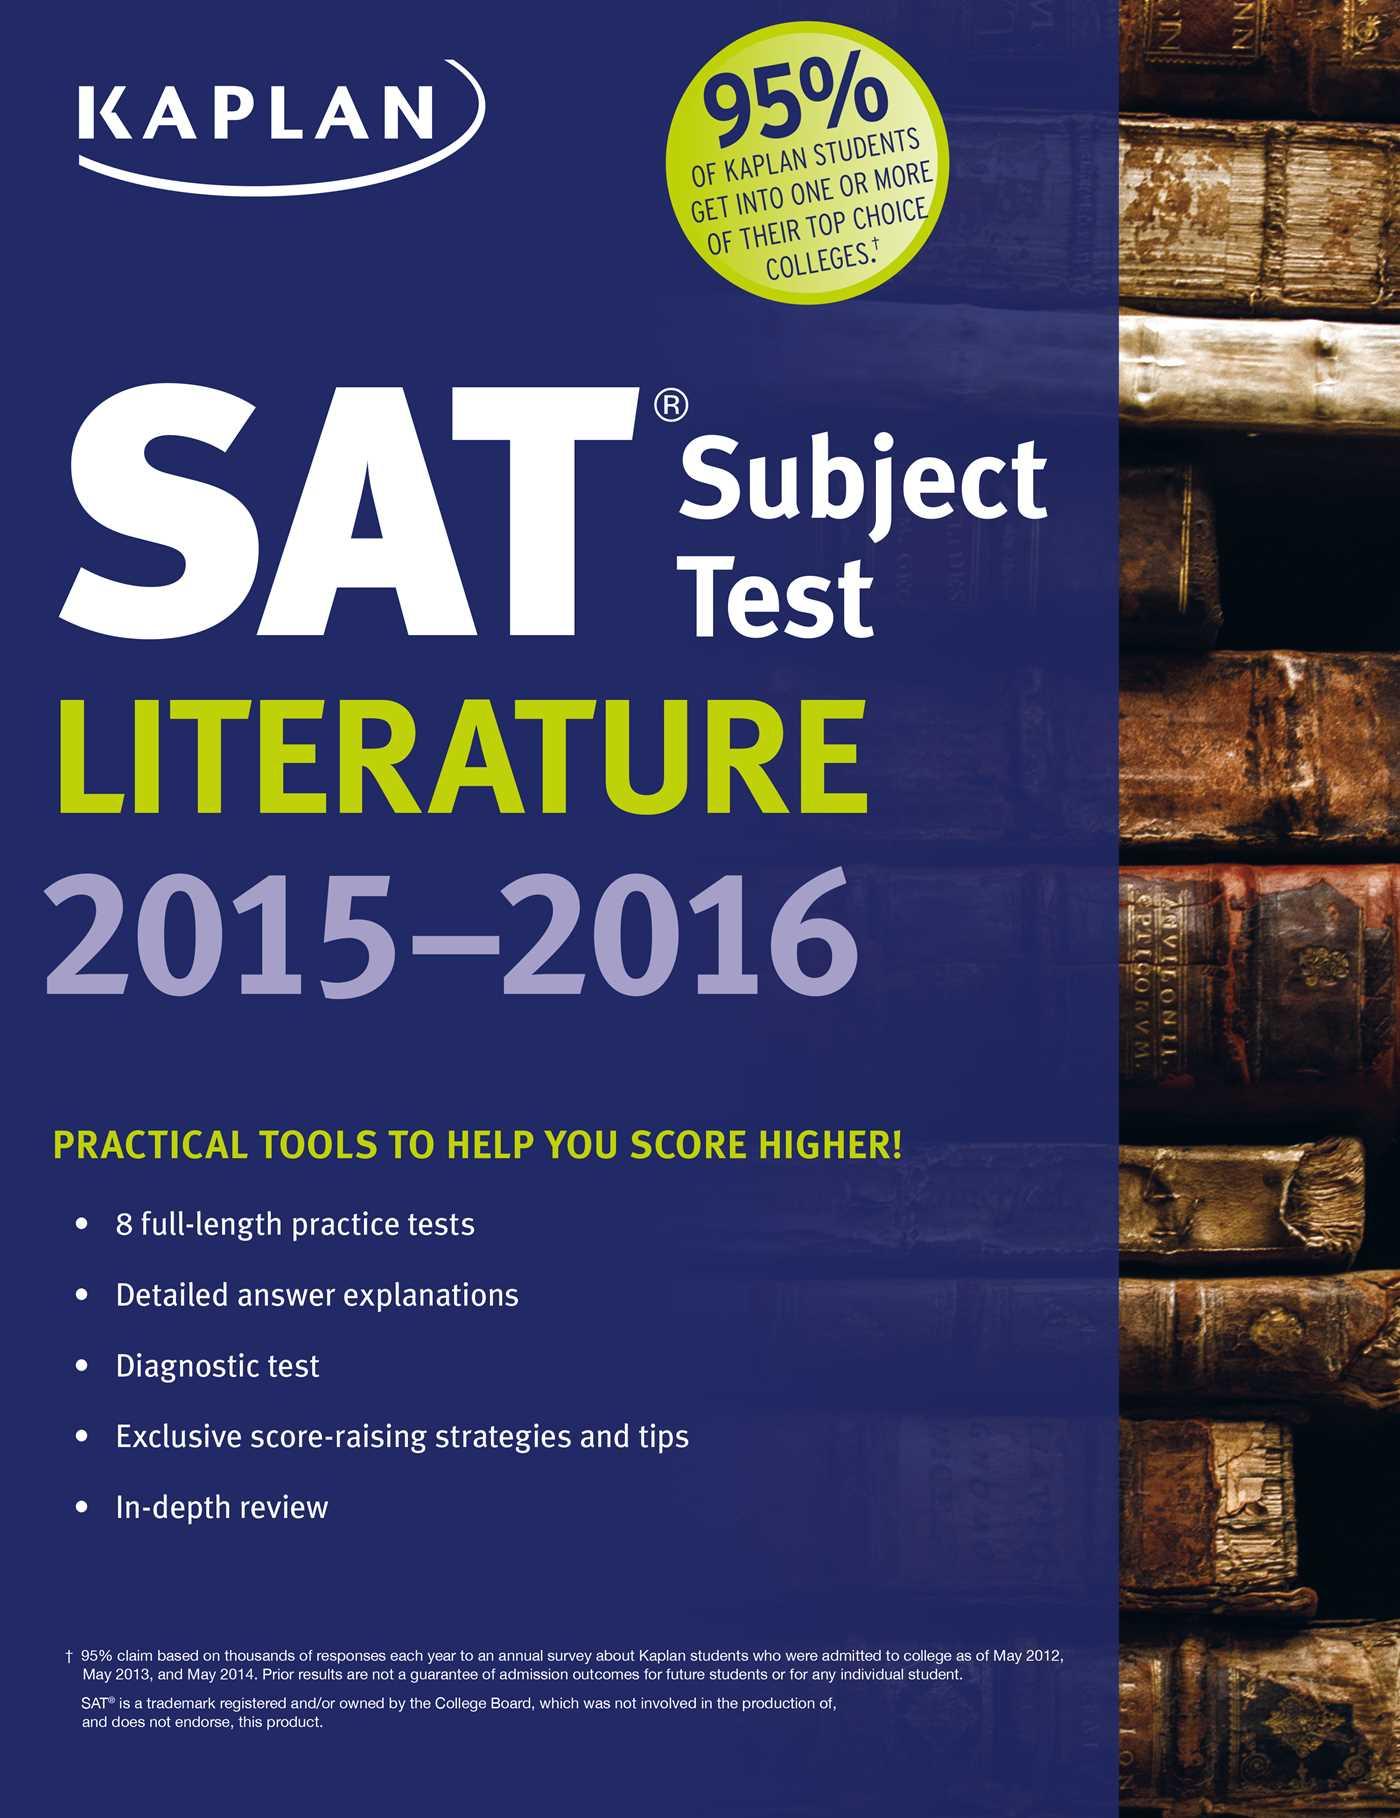 Kaplan SAT Subject Test Literature 2015-2016 eBook by Kaplan